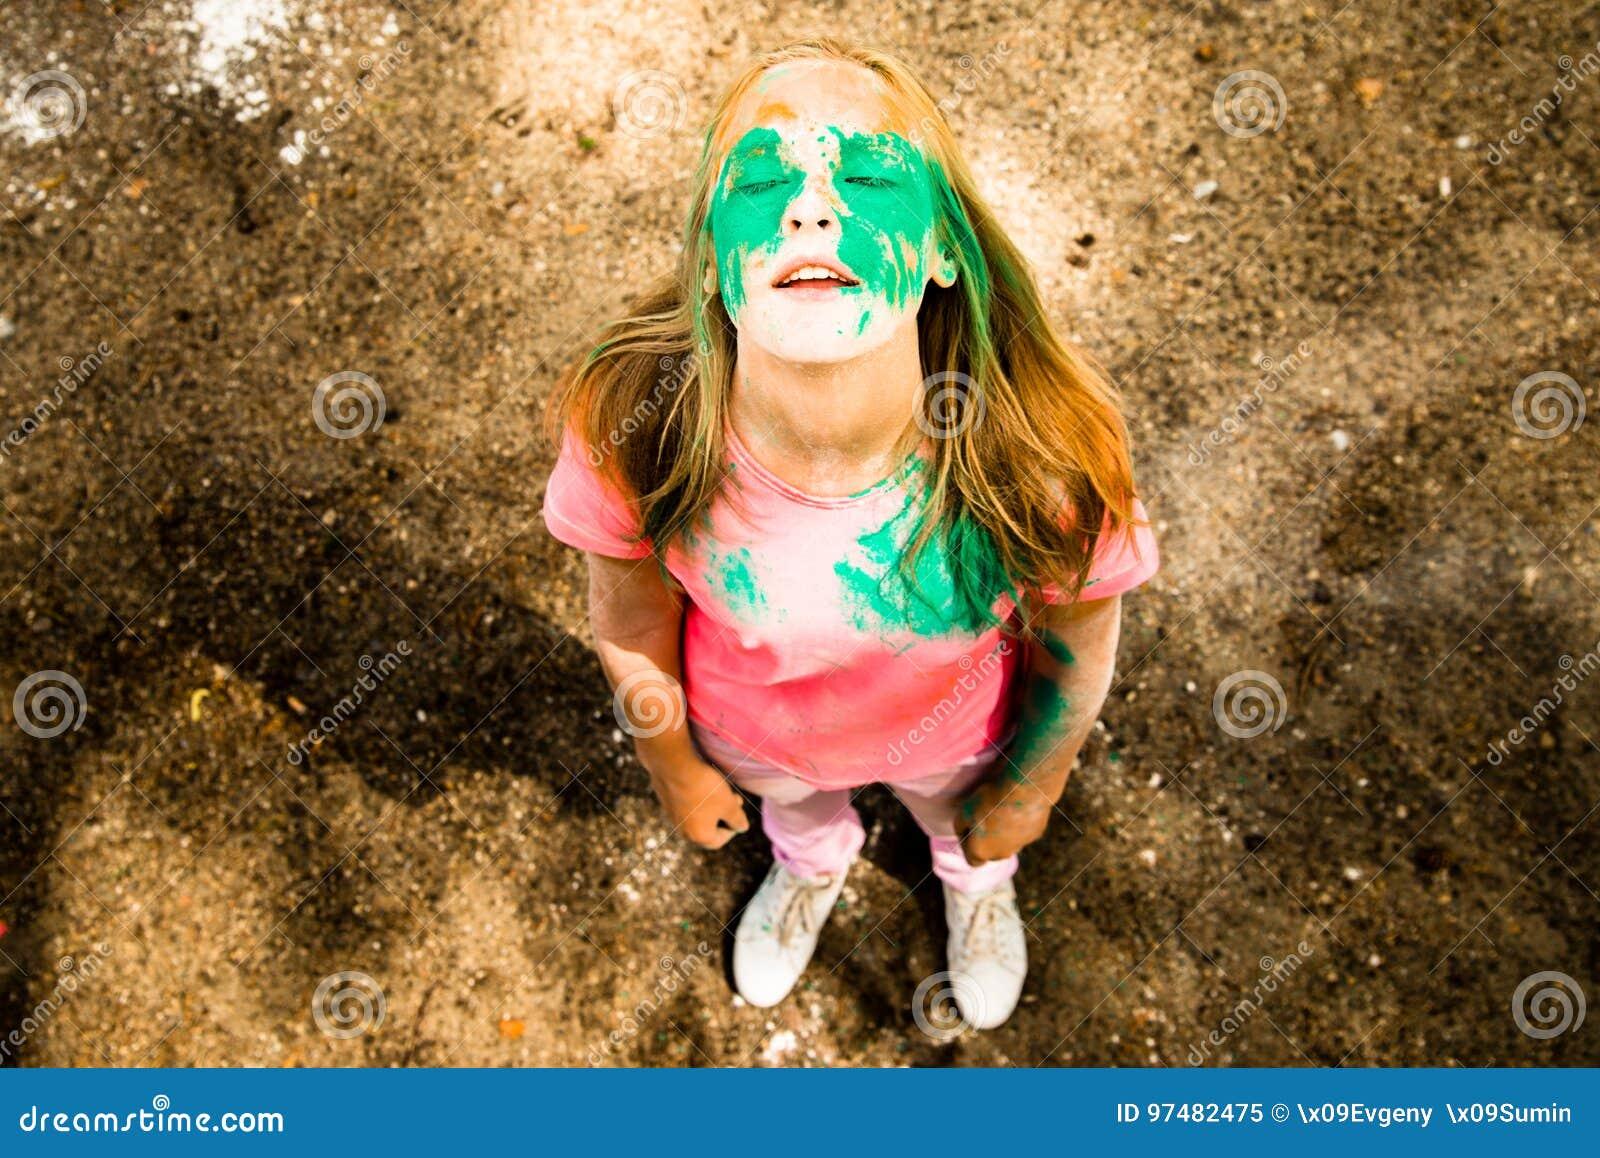 Ritratto di una ragazza per il festival indiano dei colori Holi